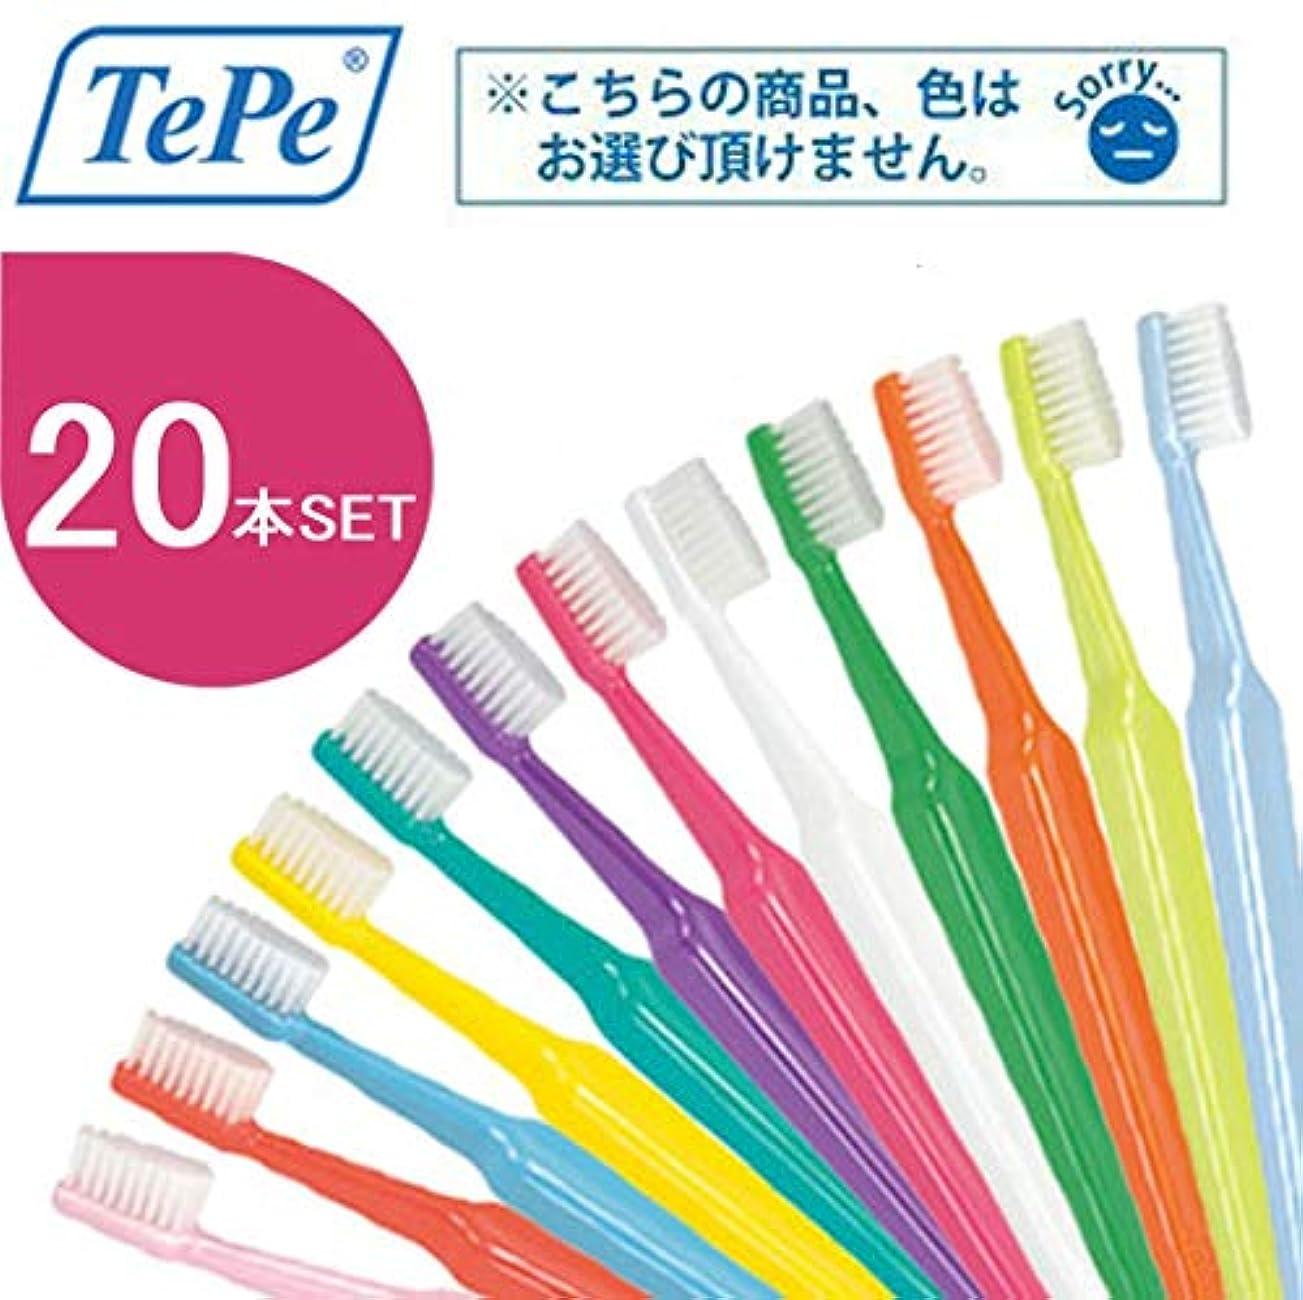 操作可能気性超高層ビルクロスフィールド TePe テペ セレクト 歯ブラシ 20本 (ソフト)